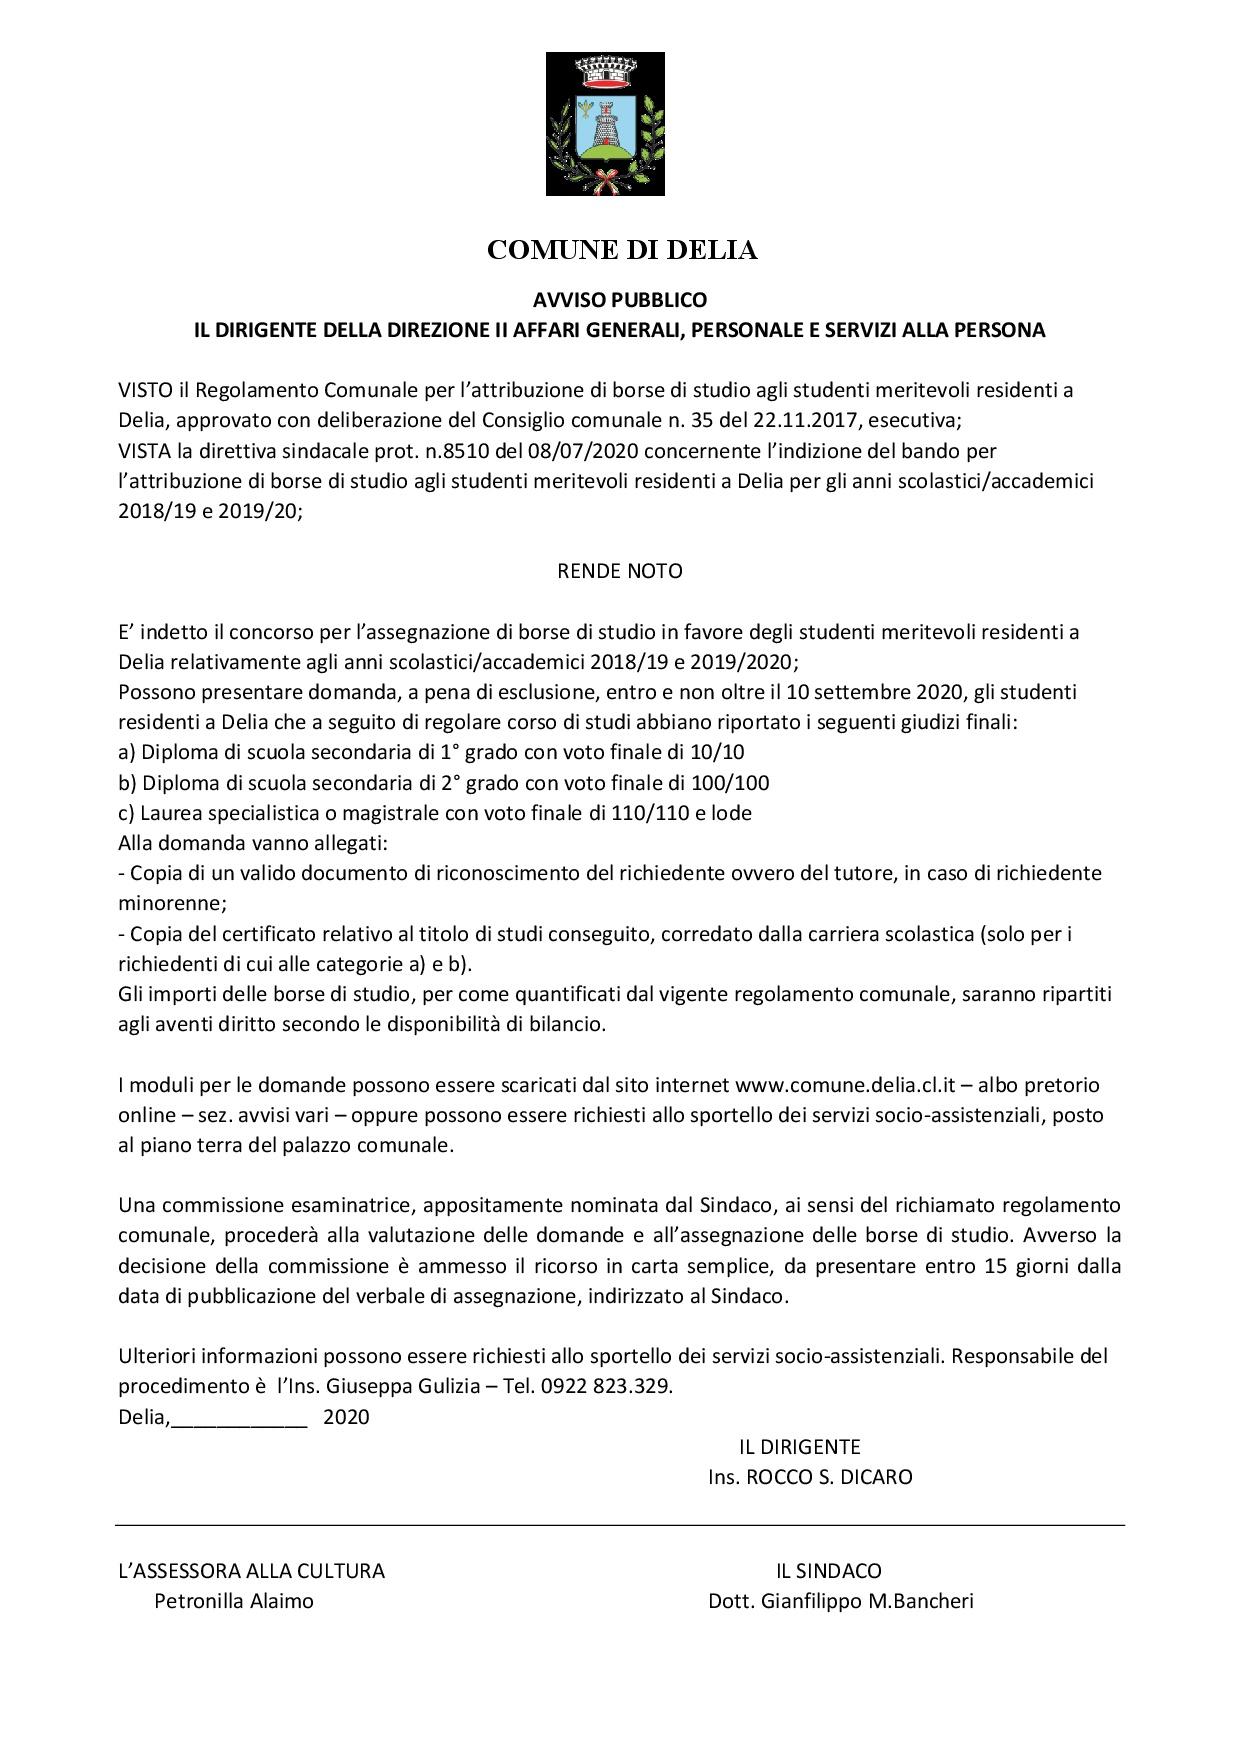 BANDO BORSE DI STUDIO A.S. 2018-19 e 2019-20